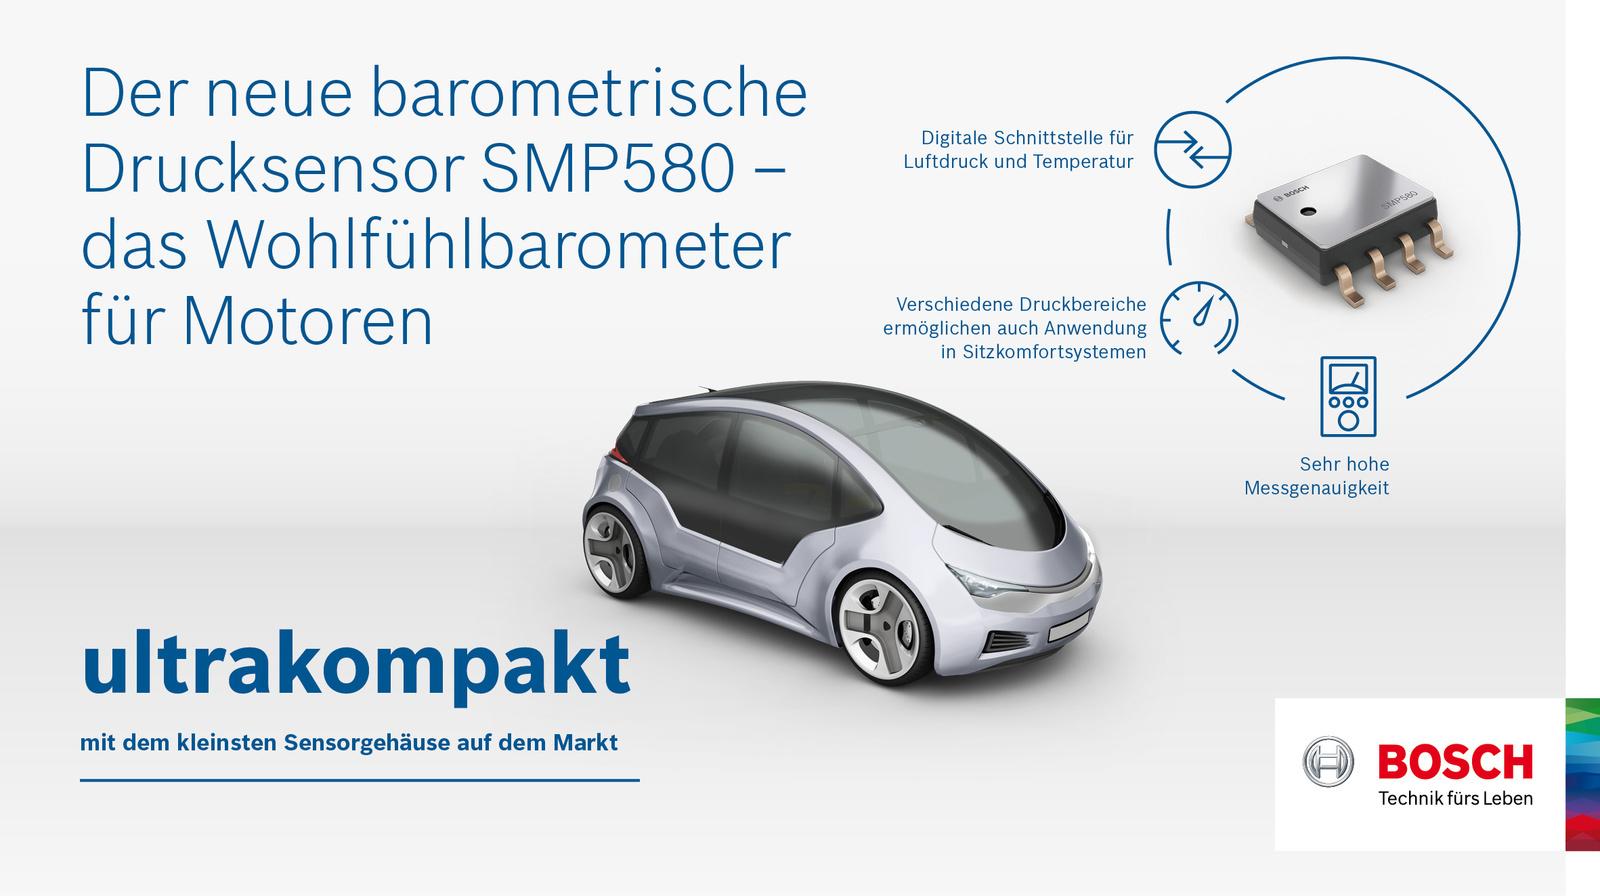 Der neue barometrische Drucksensor SMP580 von Bosch unterstützt Motormanagement-Systeme bei der Reduzierung von Kraftstoffverbrauch und Schadstoffausstoß